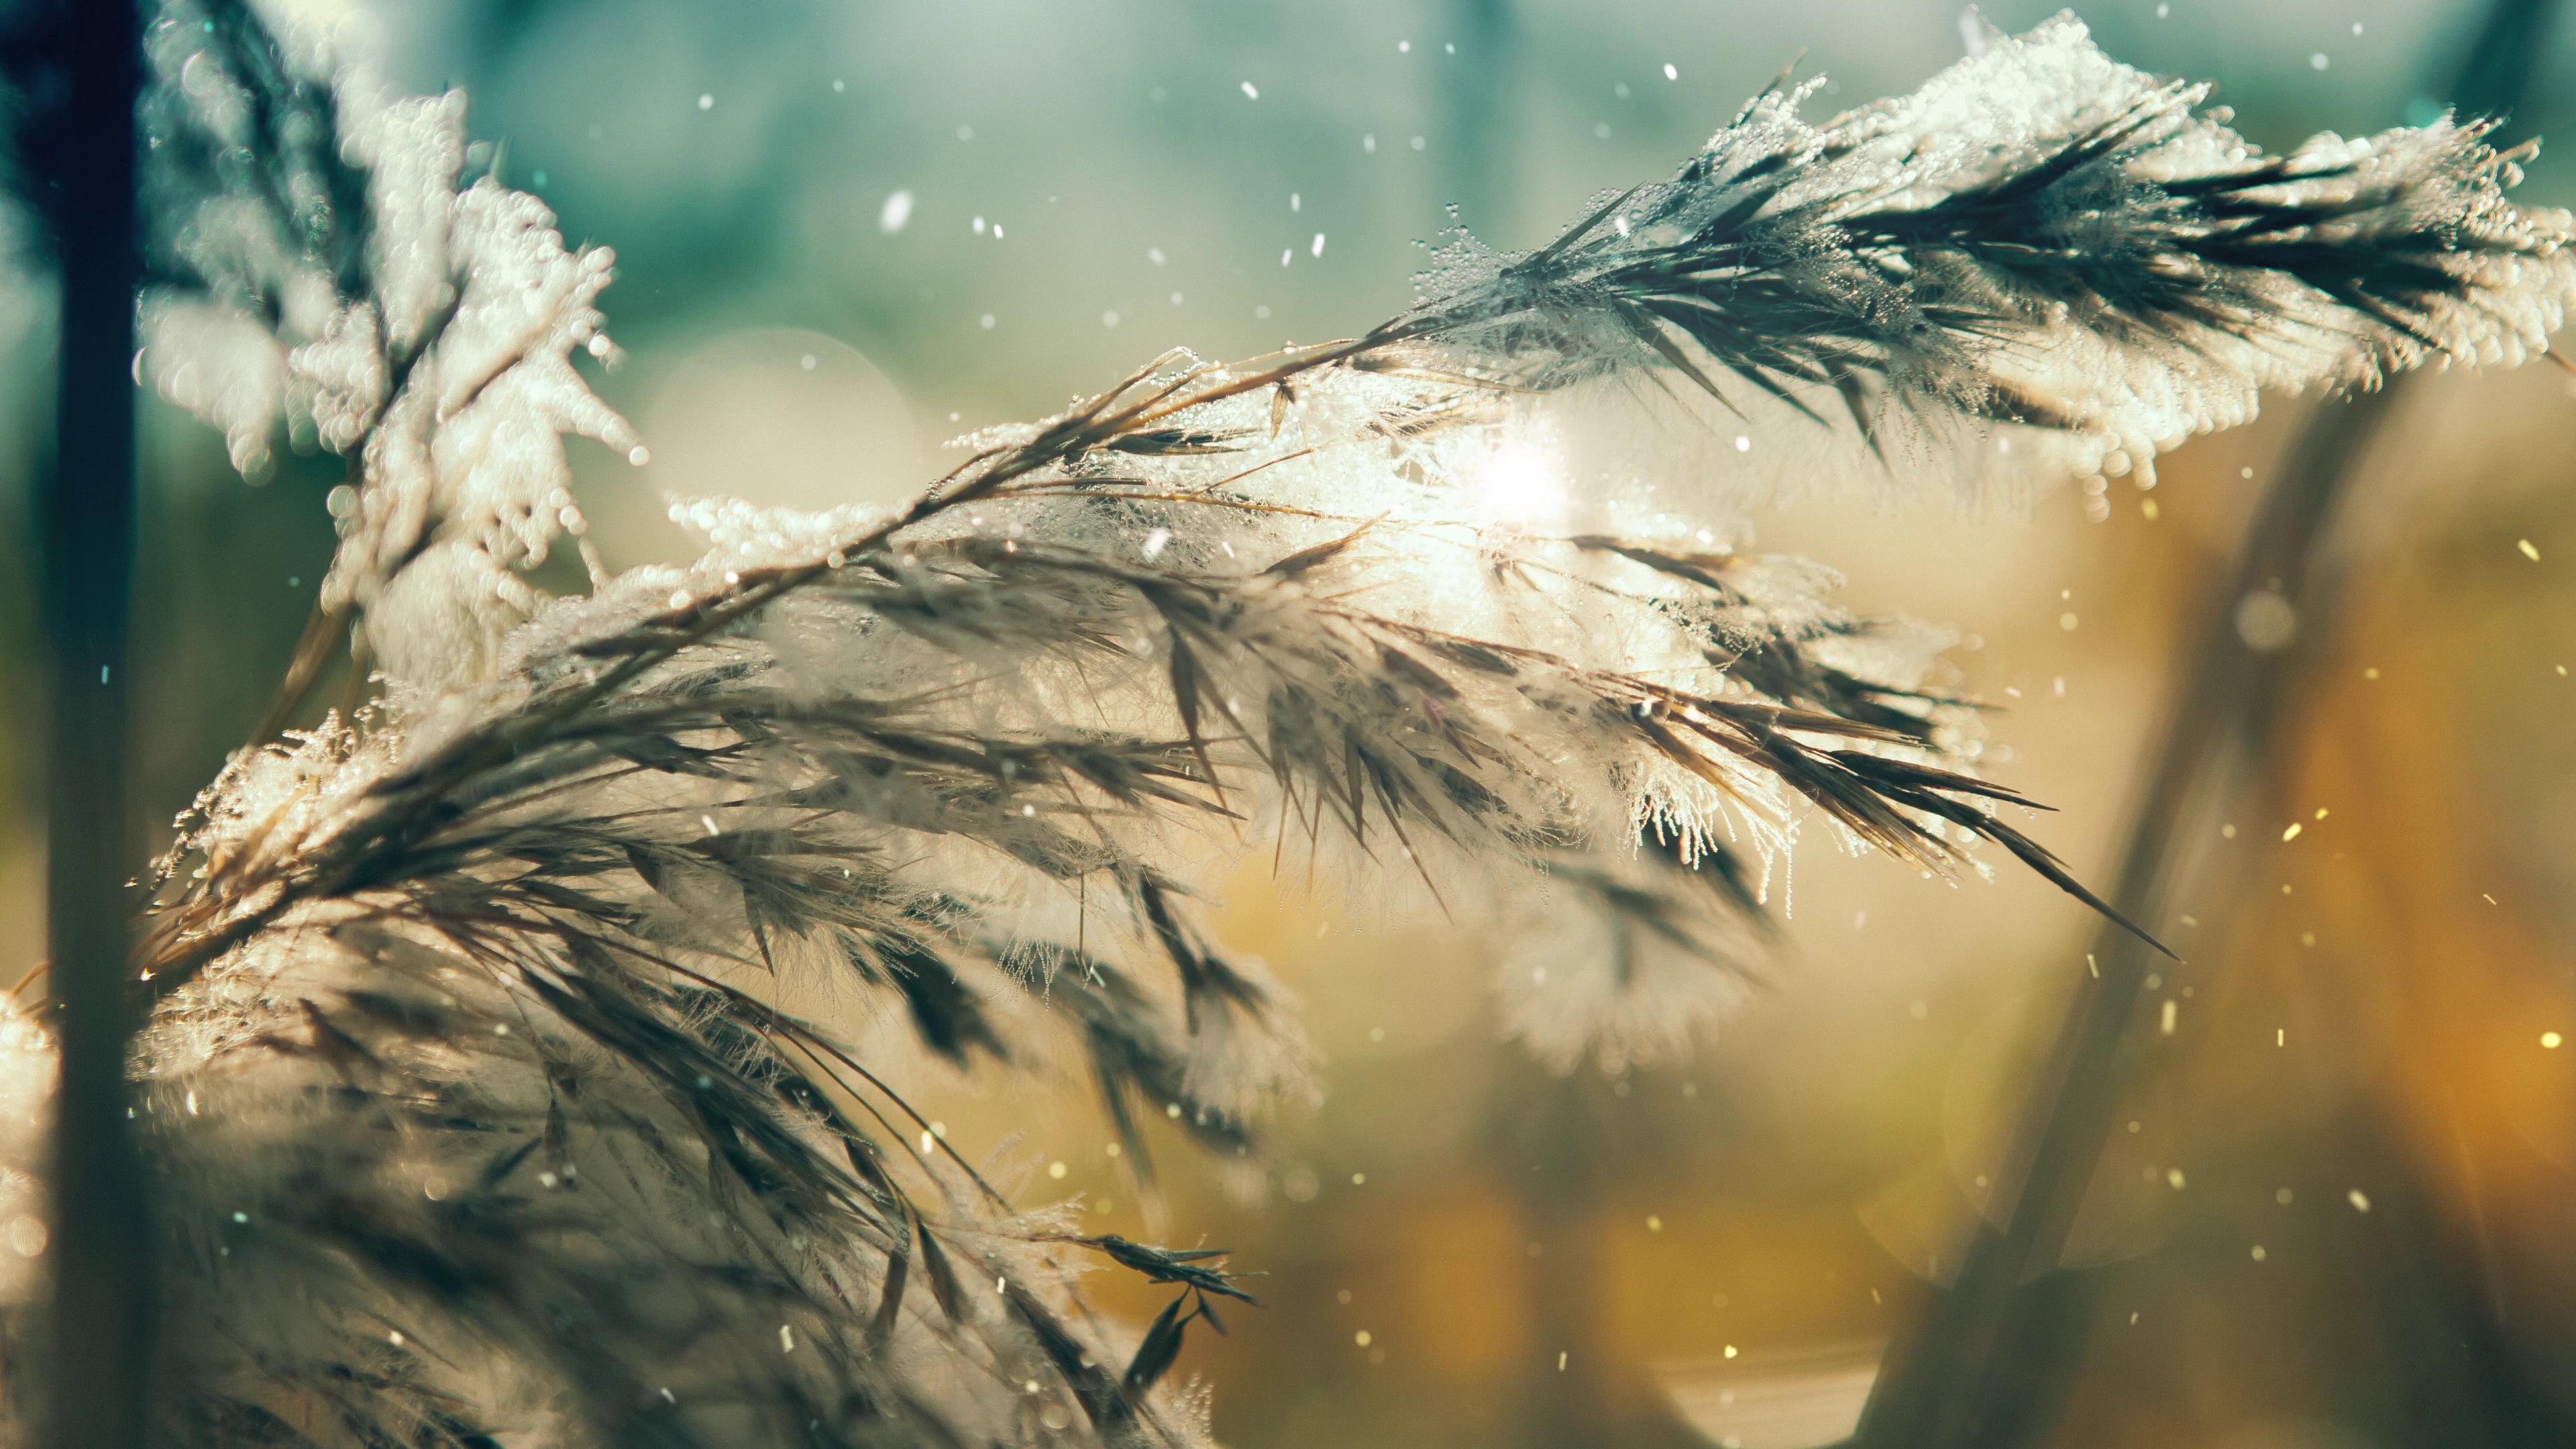 冬季雪花飘落树枝积雪特写美景镜头高清实拍